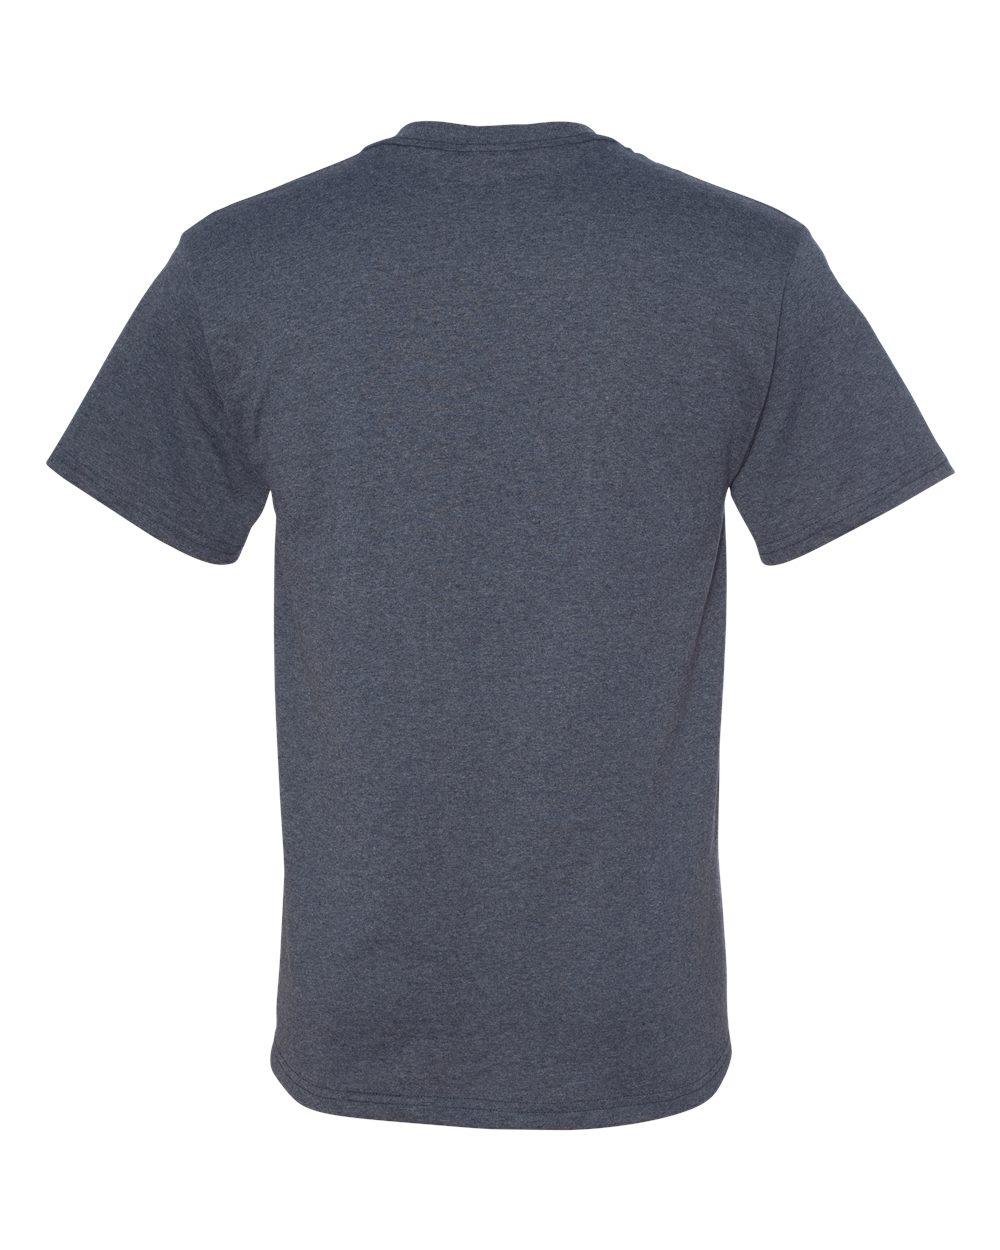 Jerzees-Men-039-s-5-6-oz-50-50-Heavyweight-Blend-T-Shirt-29M-S-4XL thumbnail 40